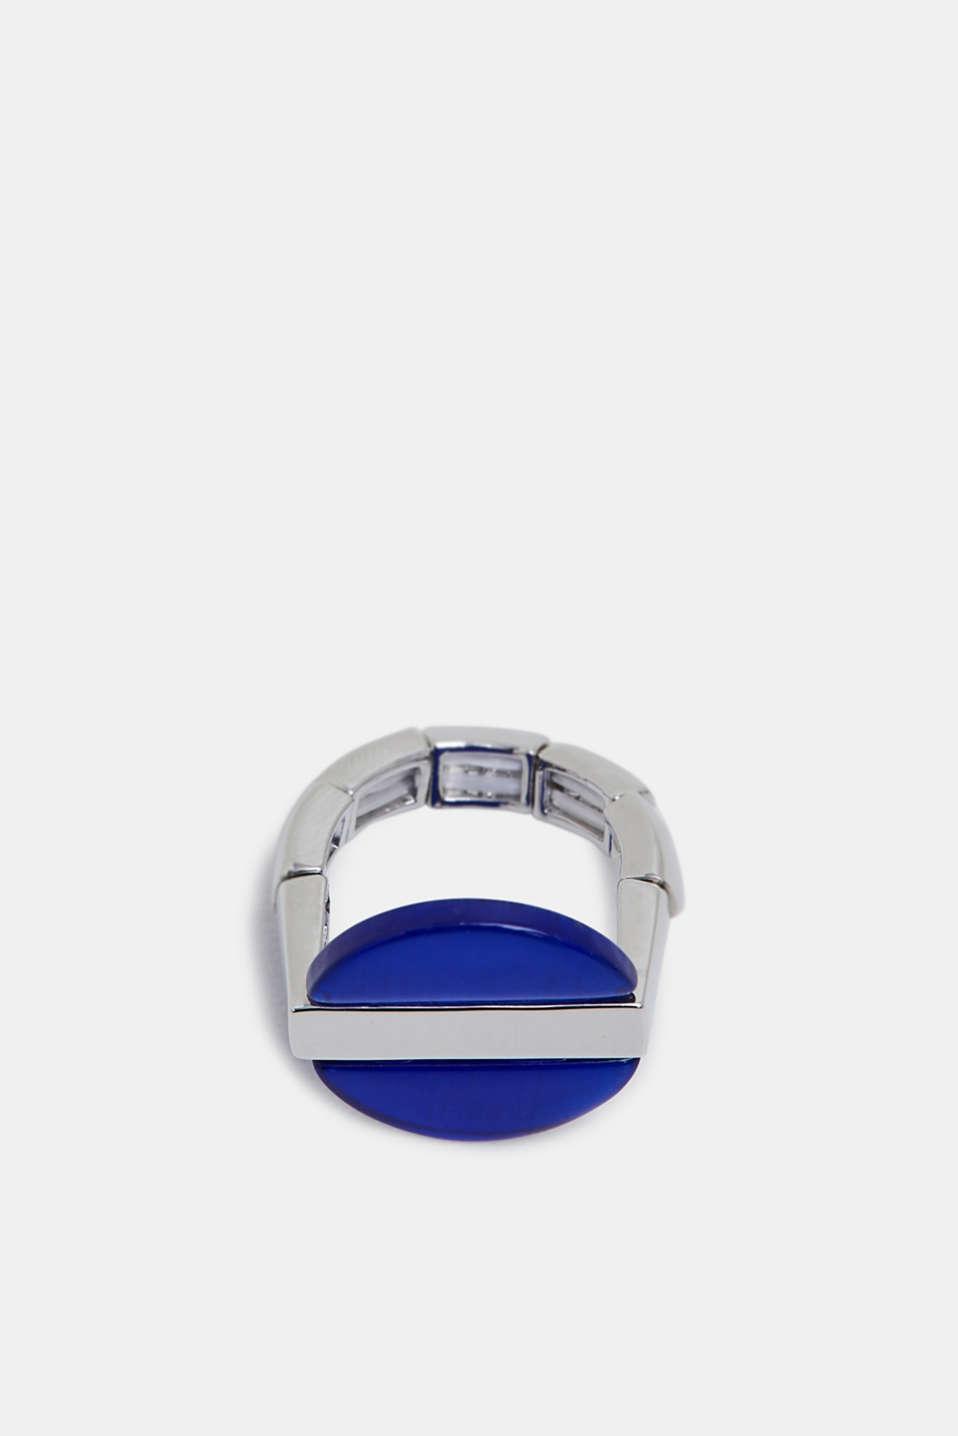 Esprit Art Deco Com esprit - statement ring in an art deco design at our online shop